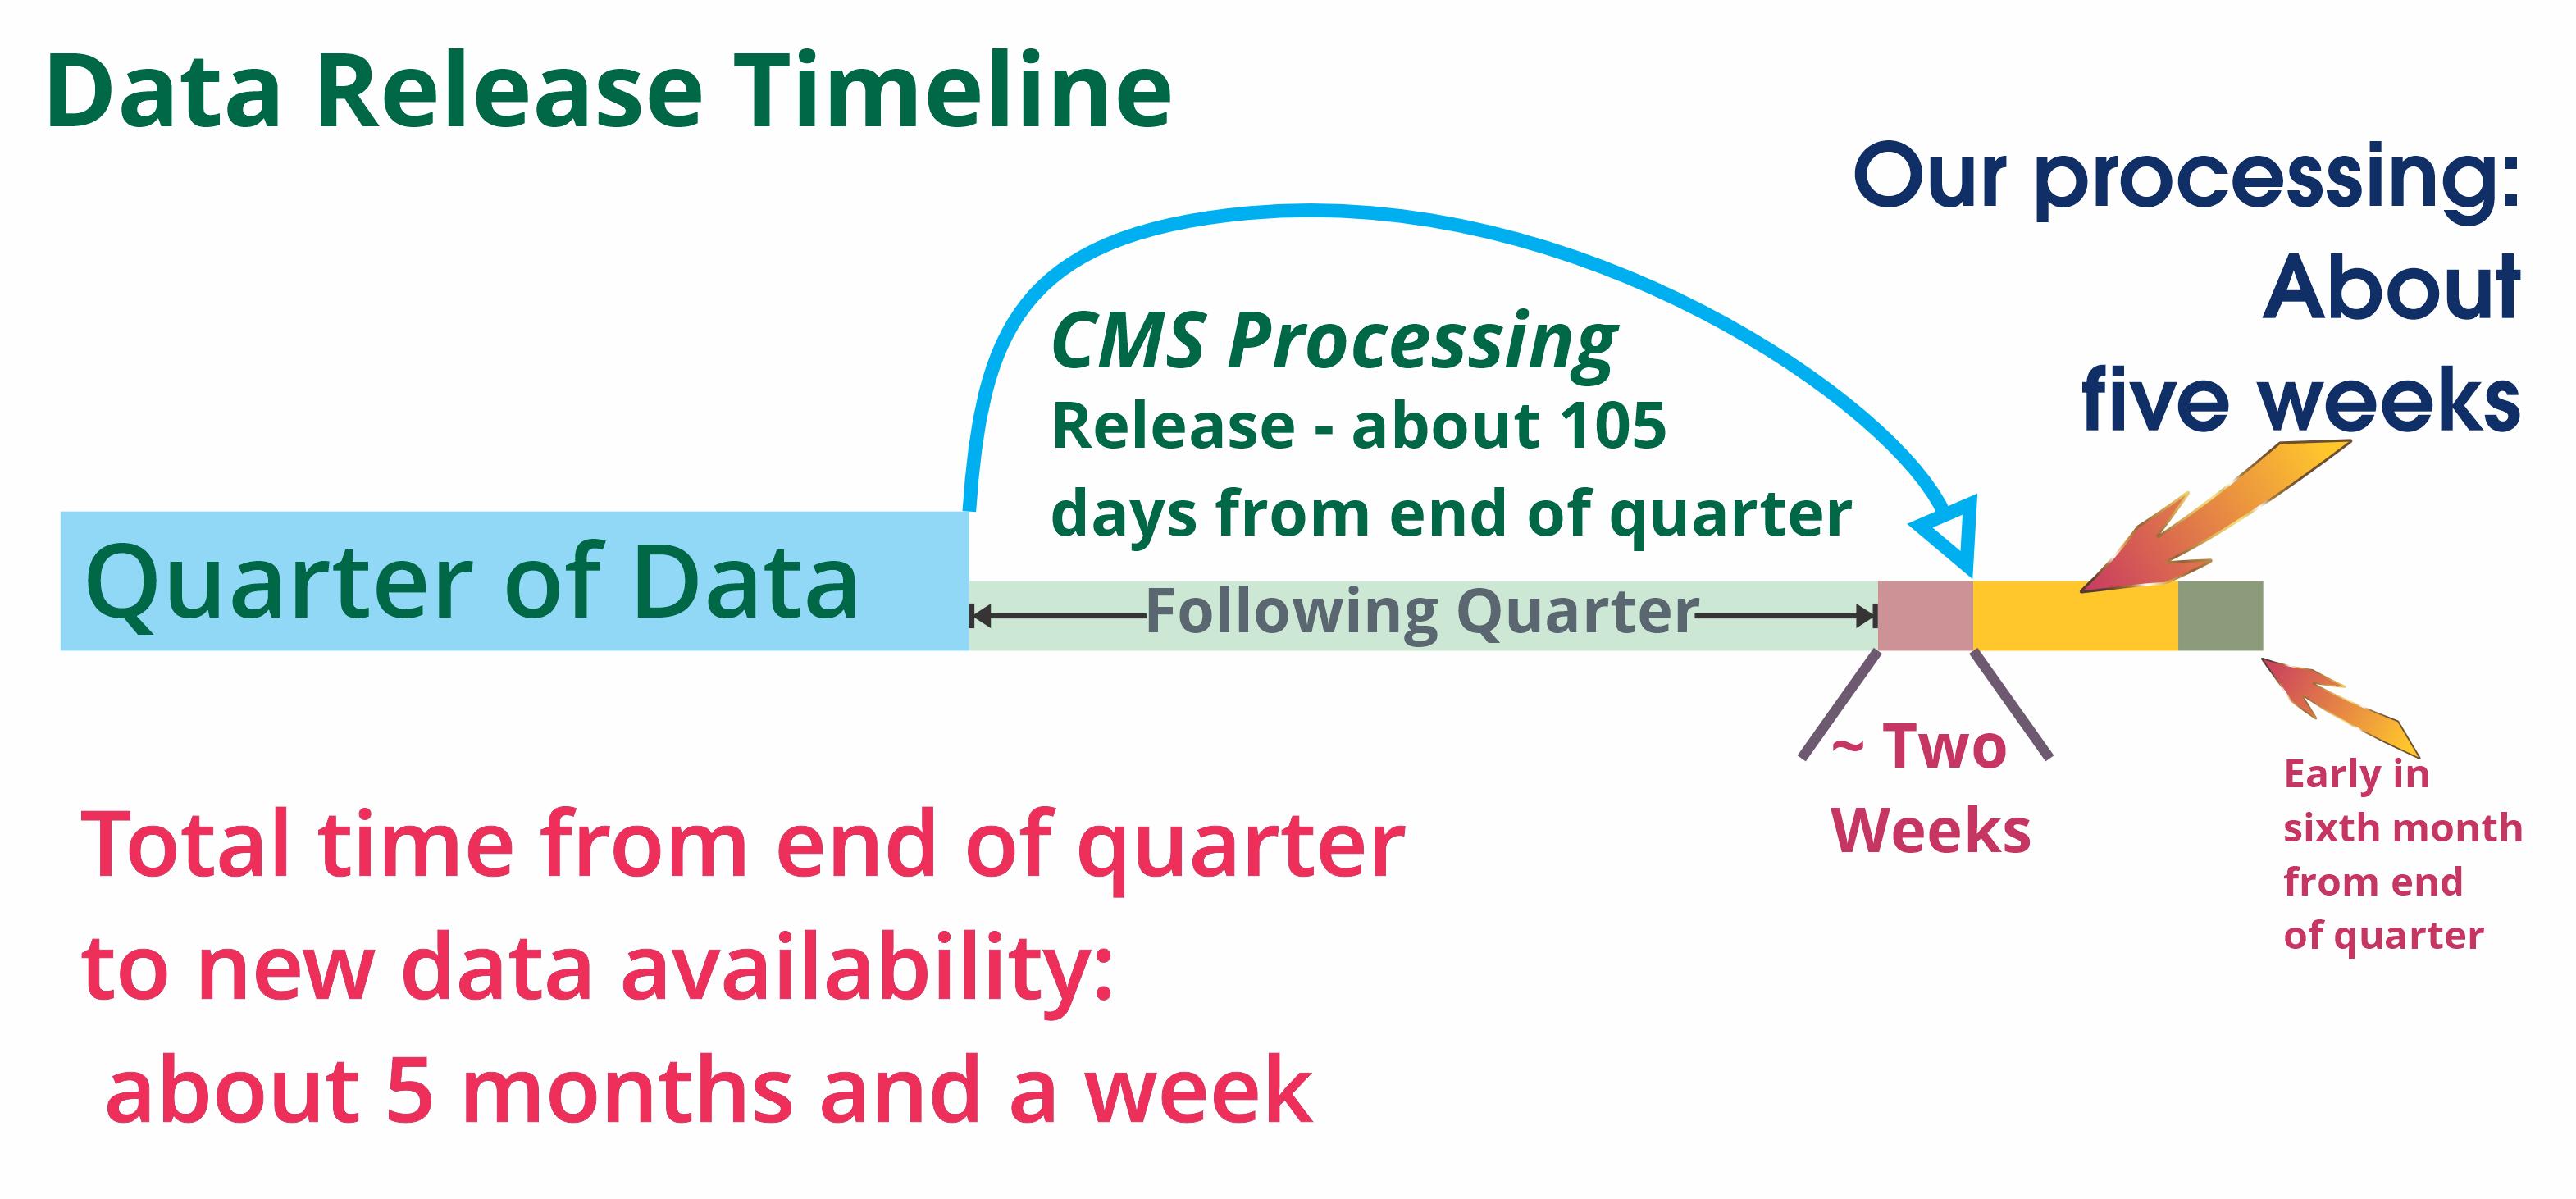 ReleaseTimeline.png